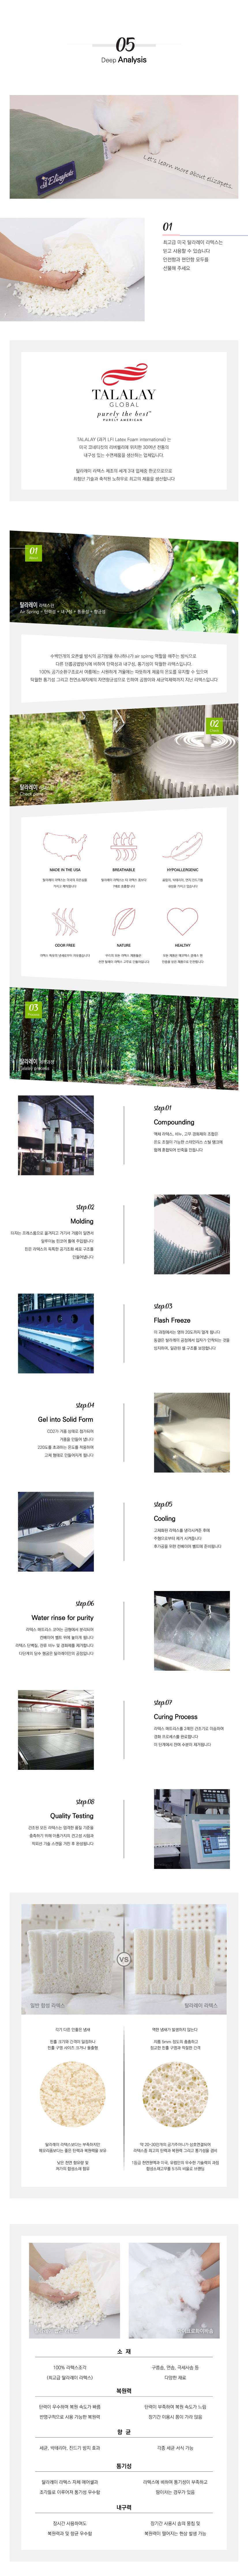 엘리자펫츠 천연라텍스 팝콘방석 포레스트 그린 L - 엘리자펫츠, 159,000원, 하우스/식기/실내용품, 방석/매트